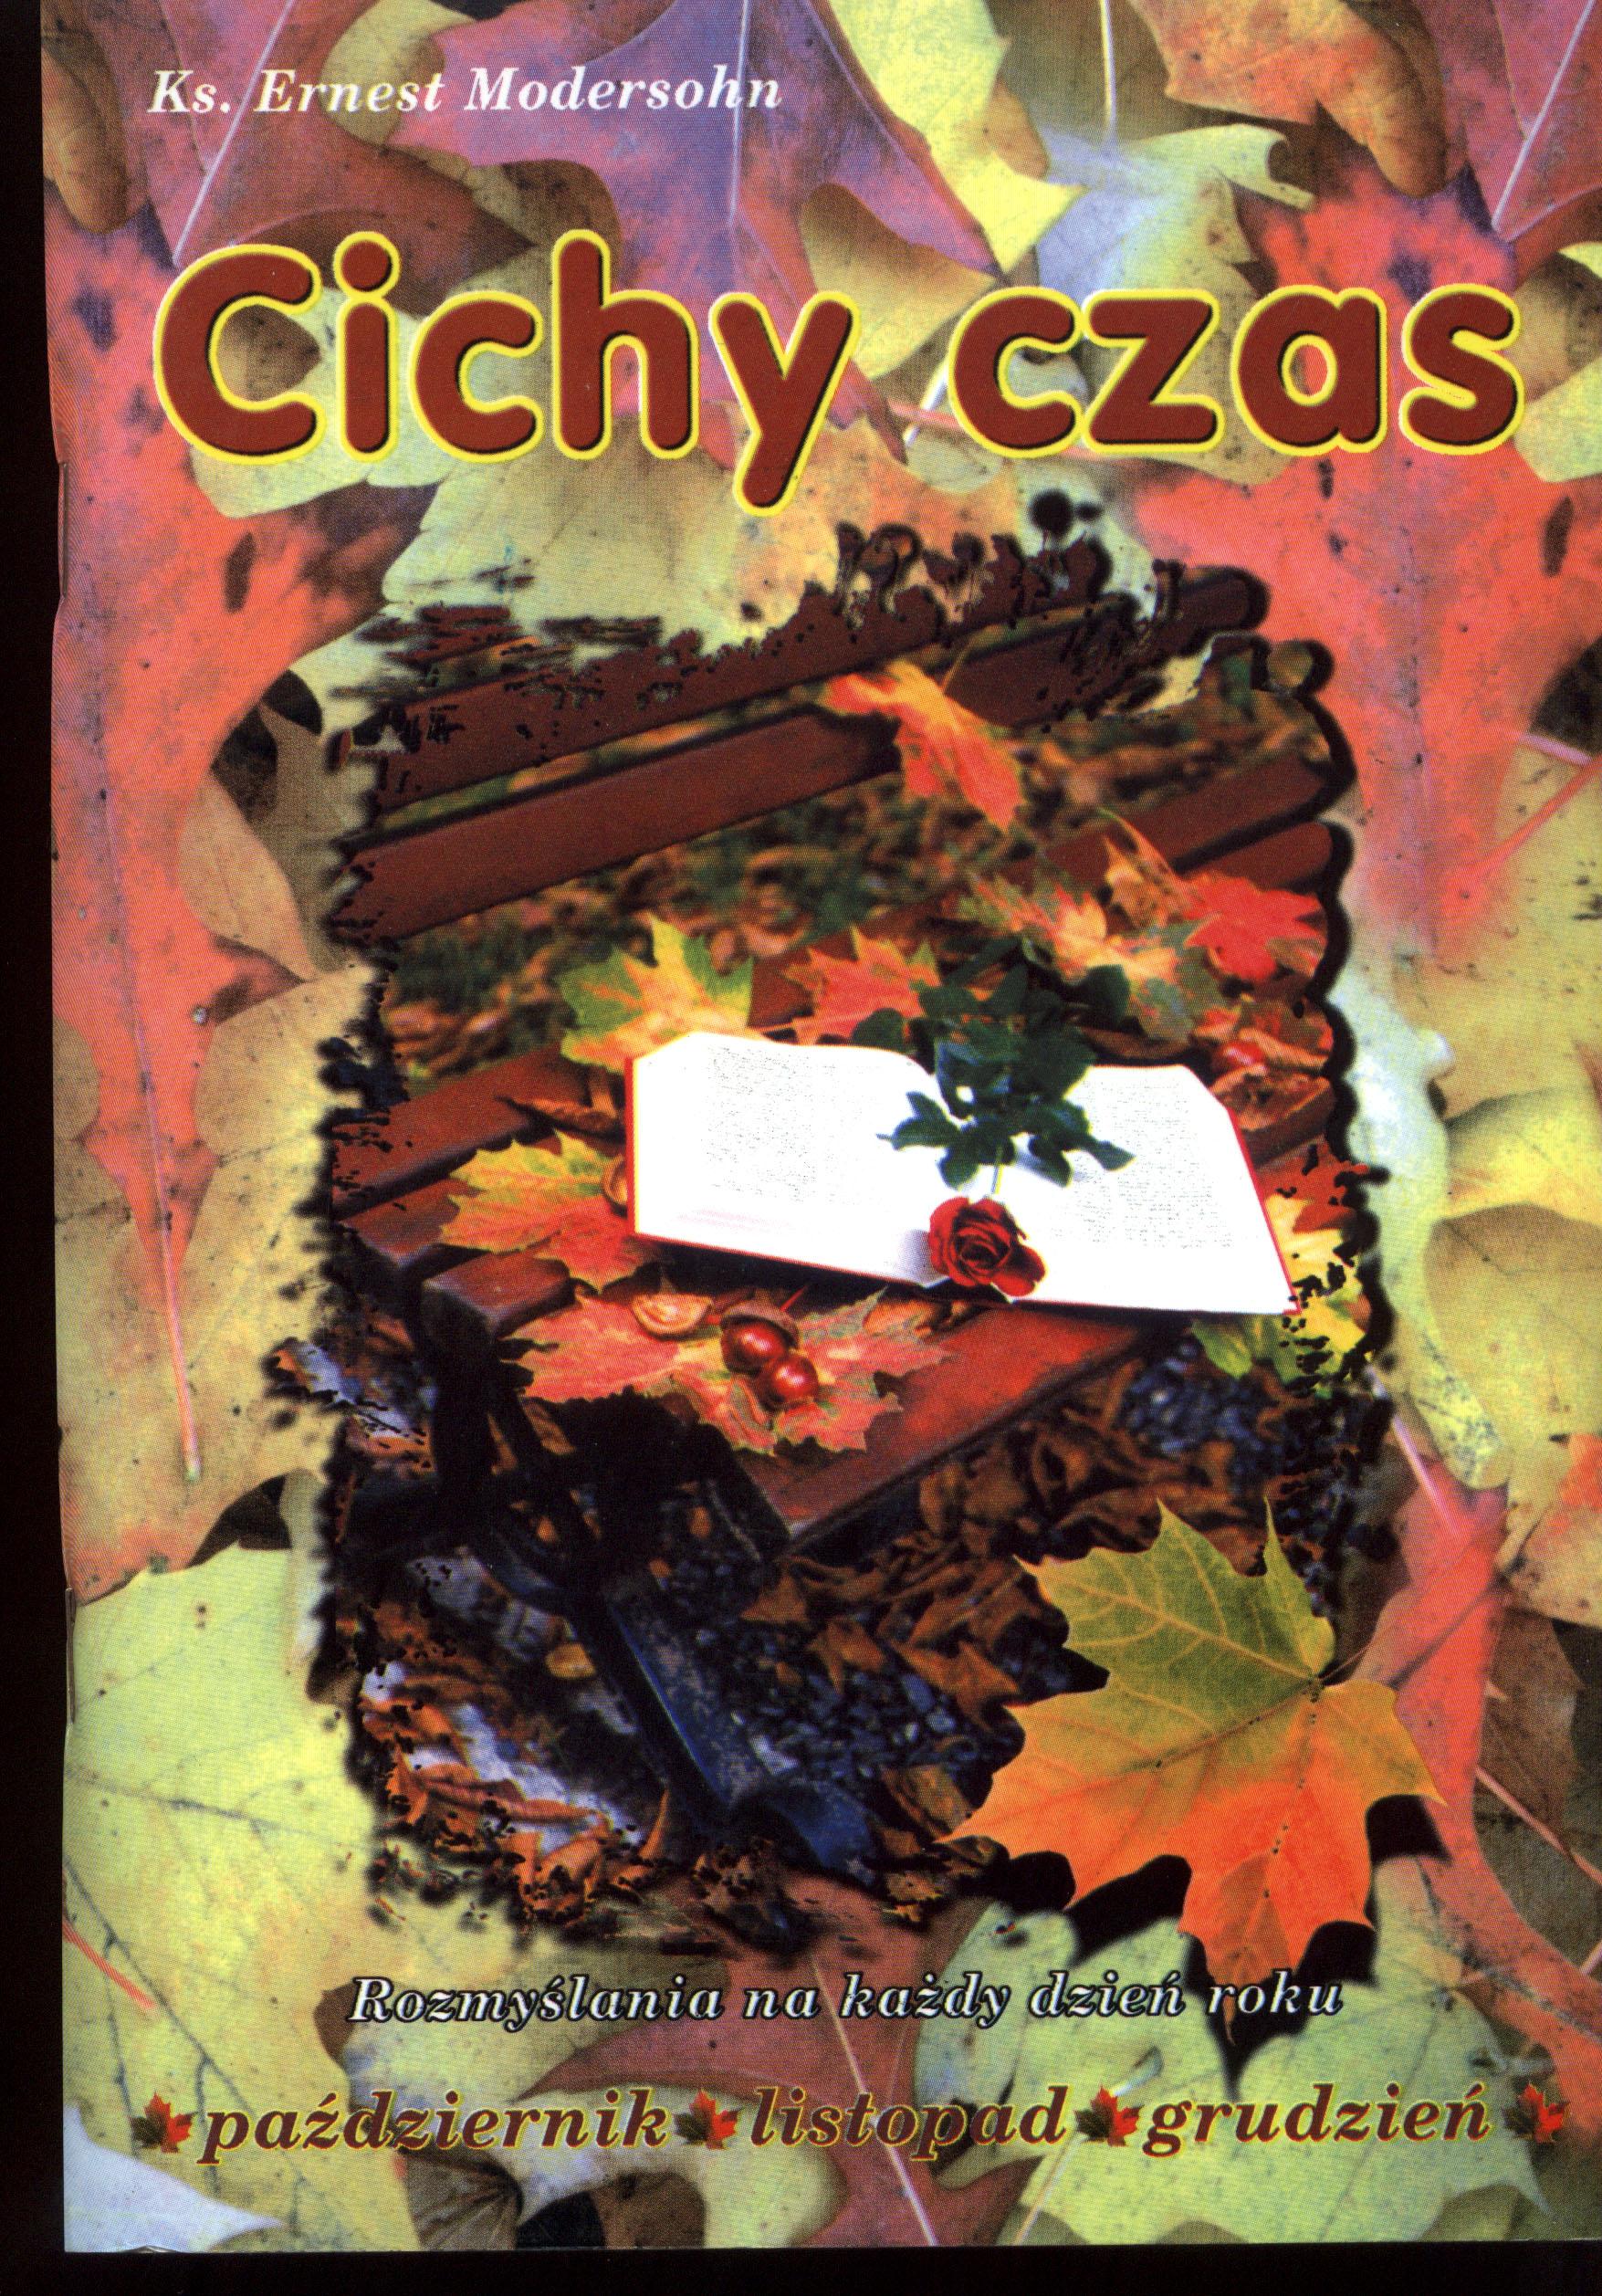 CichyCzas4